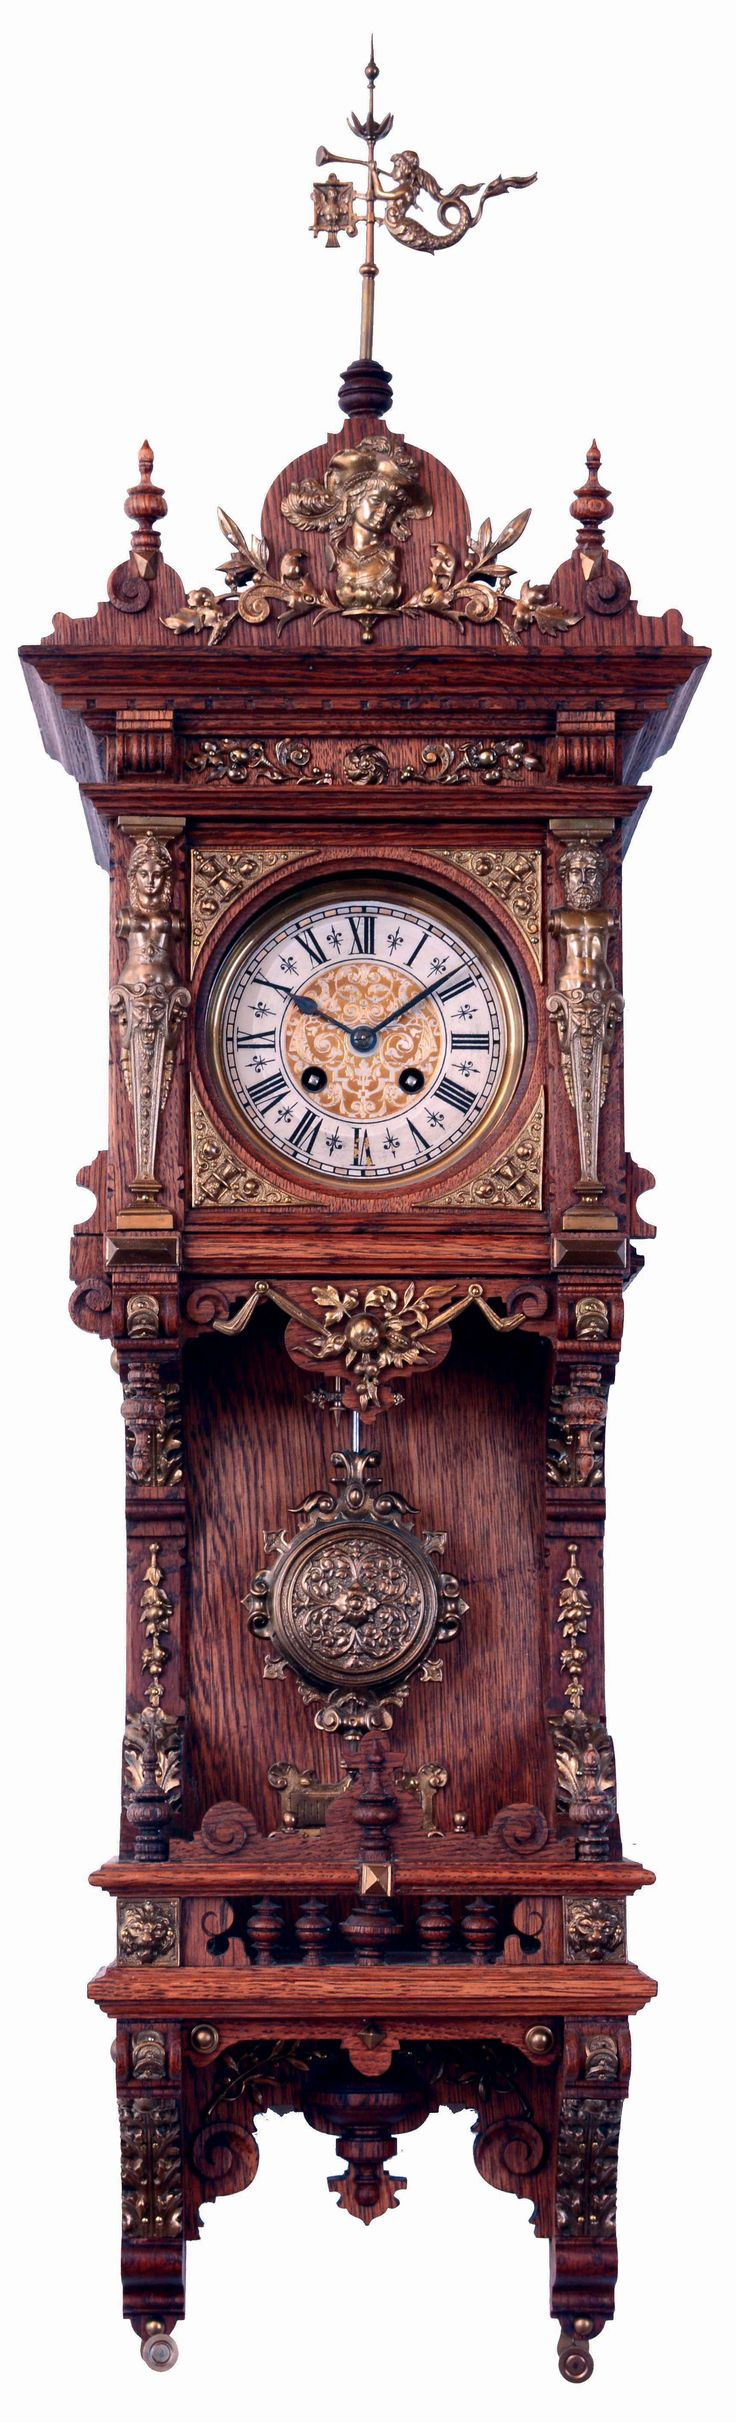 Reloj de pared de madera tallada y aplicaciones de bronce. S.IX